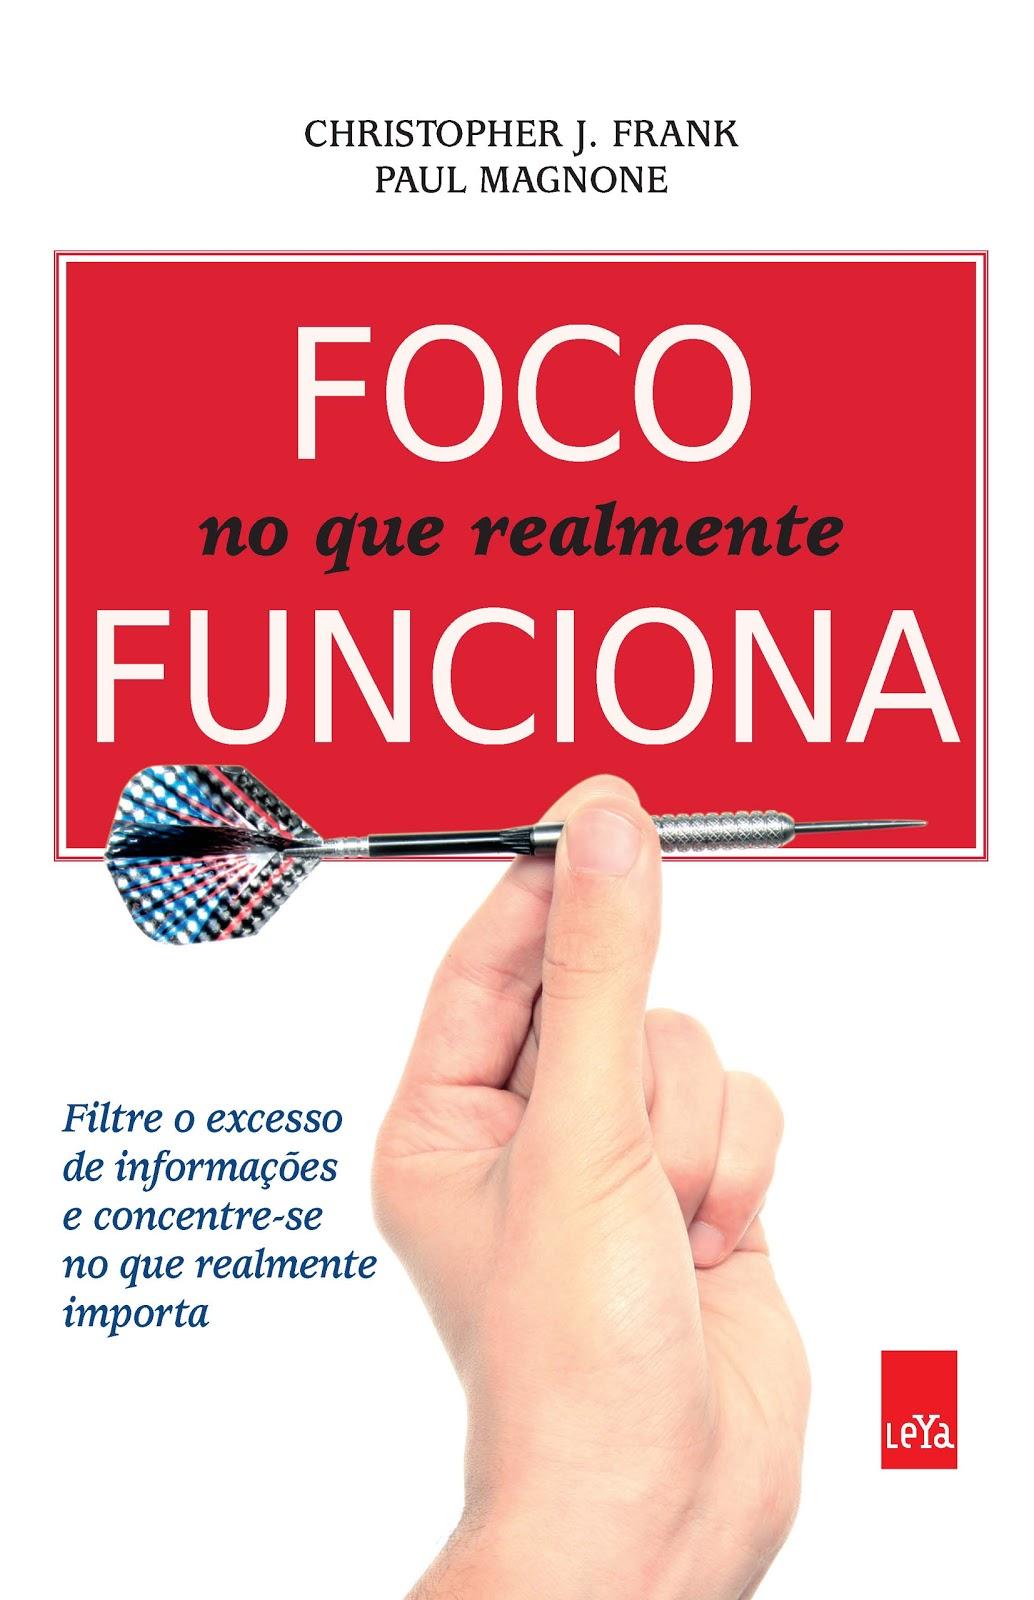 """58edbf448 LeYa traz para o Brasil o best-seller """"Foco no que realmente funciona"""" de  Paul Magnone e Christopher Frank"""